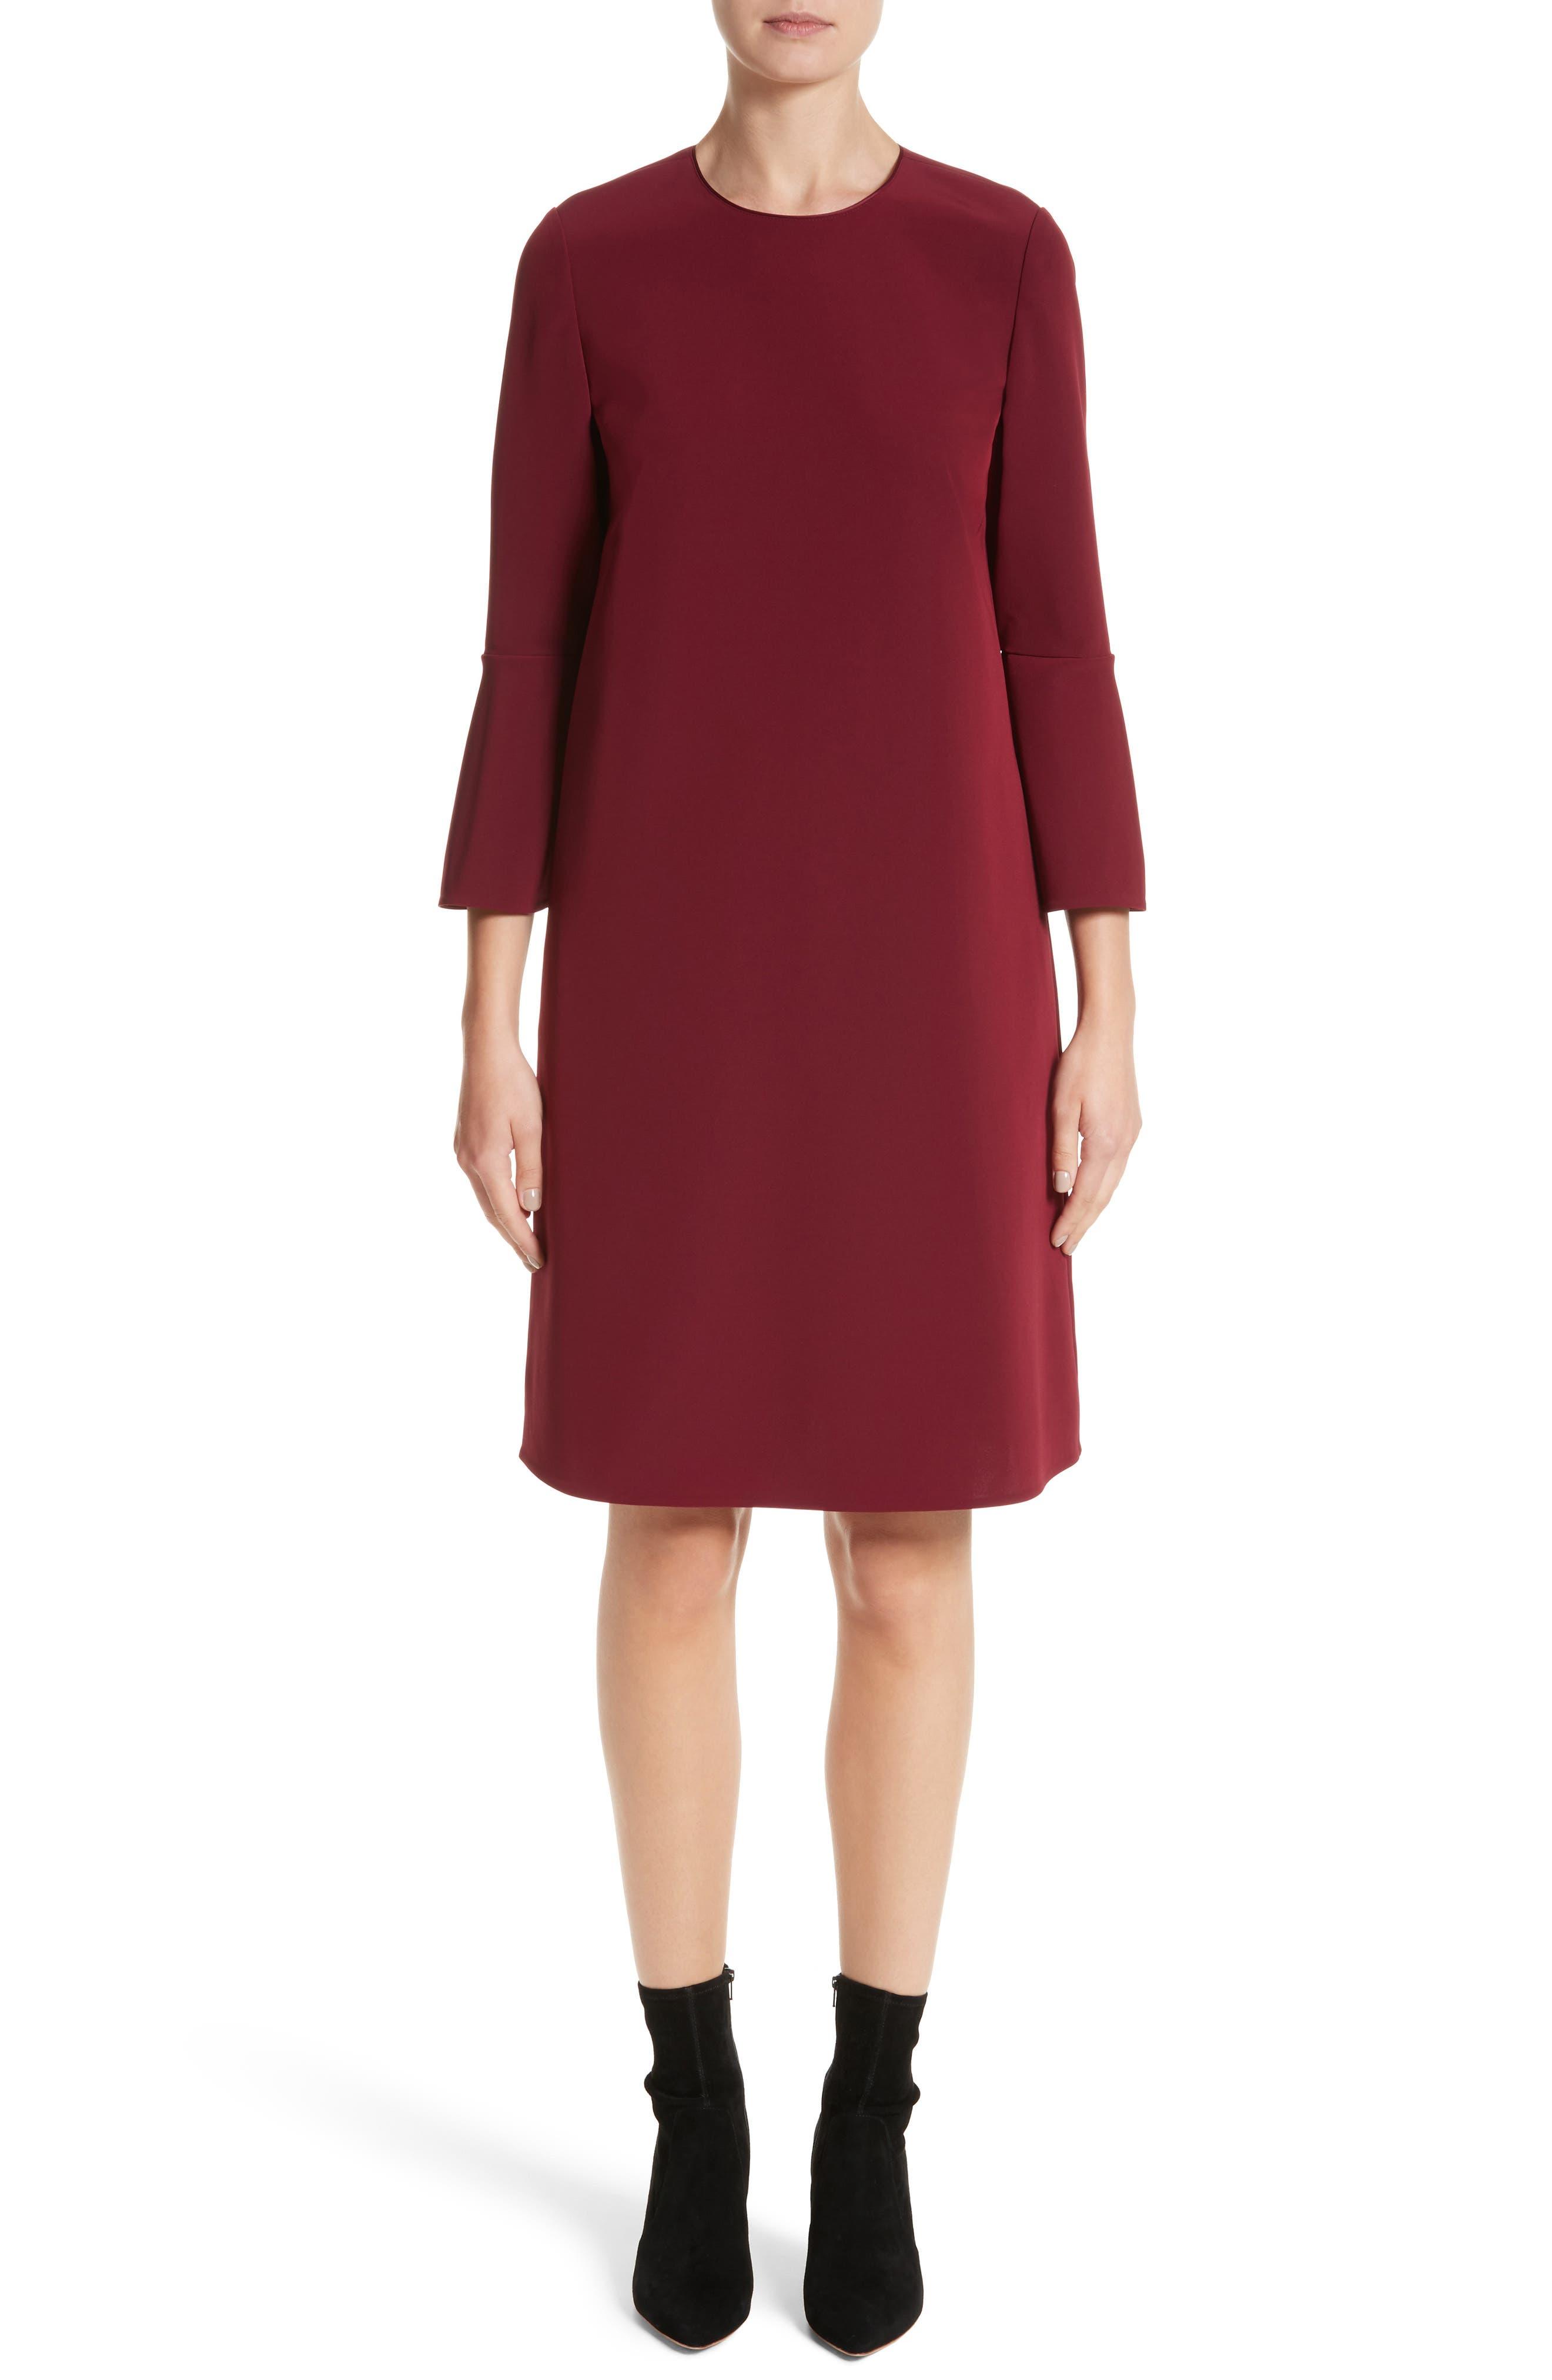 Sidra Emory Cloth Dress,                             Main thumbnail 1, color,                             930